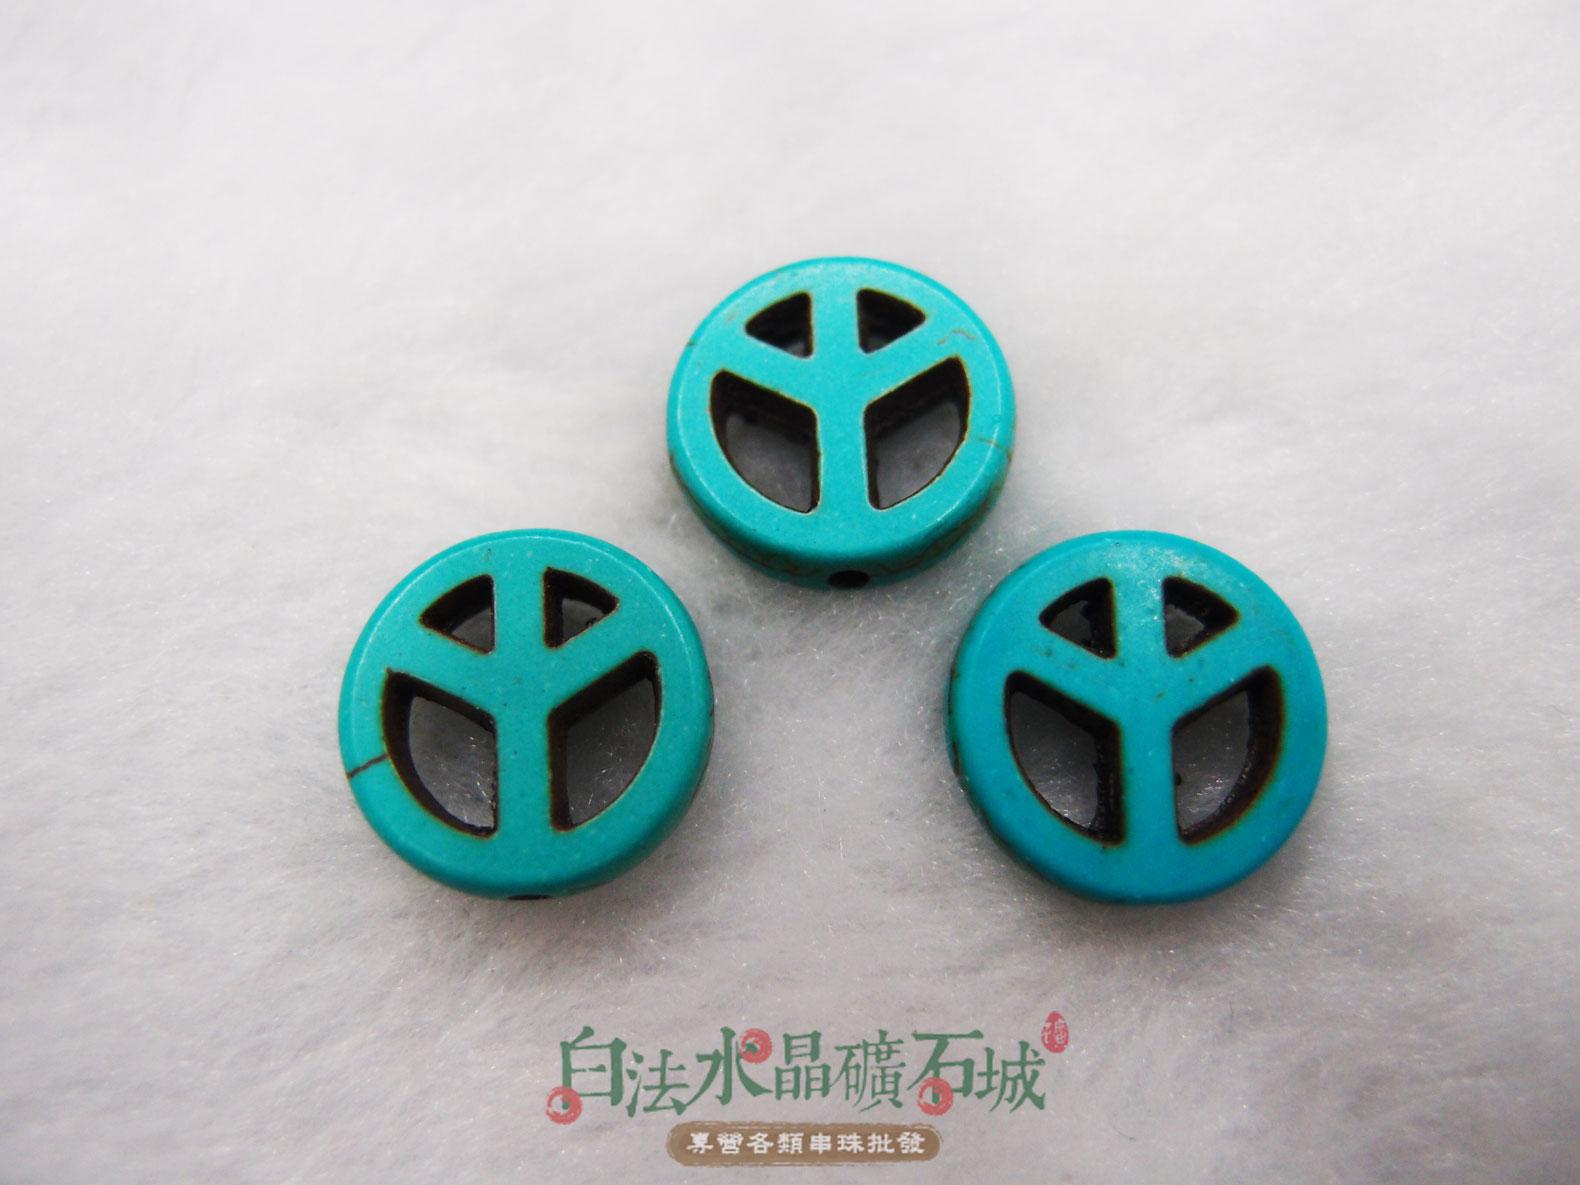 白法水晶礦石城 綠松石-15mm 民族風圖騰 串珠/條珠 首飾材料